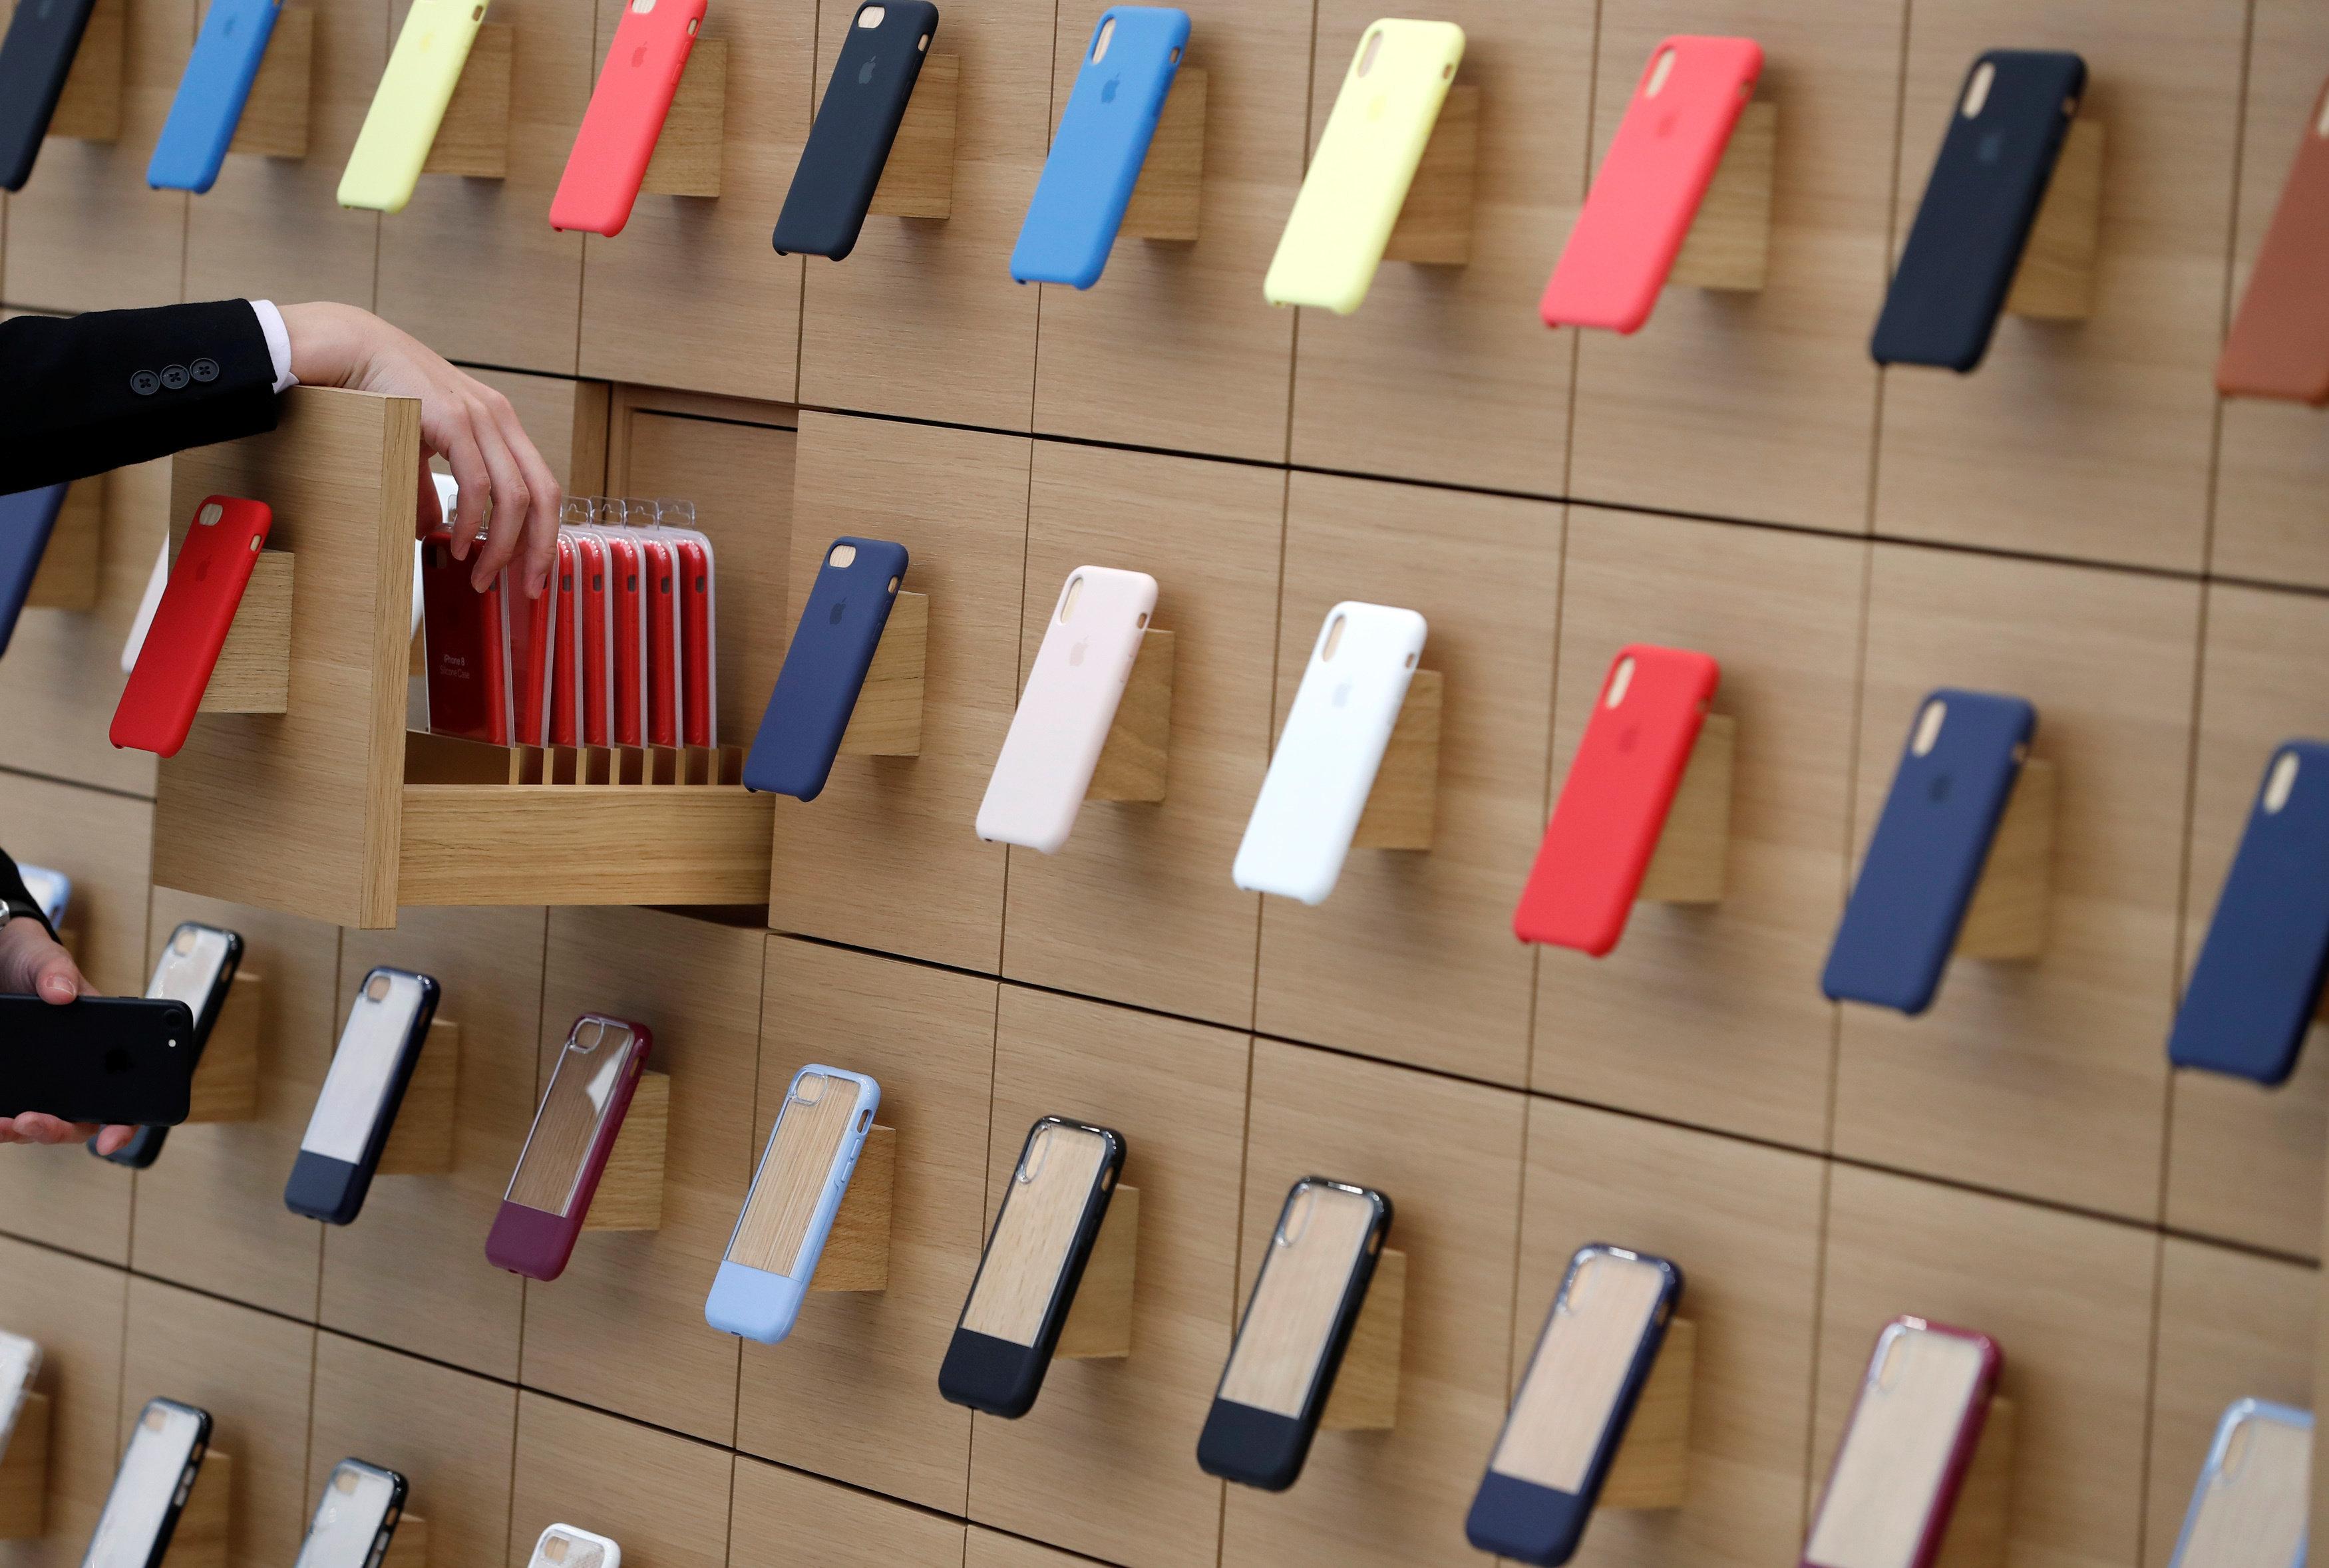 Έρχονται τα νέα iPhone και ιδού όσα γνωρίζουμε έως τώρα για τα χαρακτηριστικά